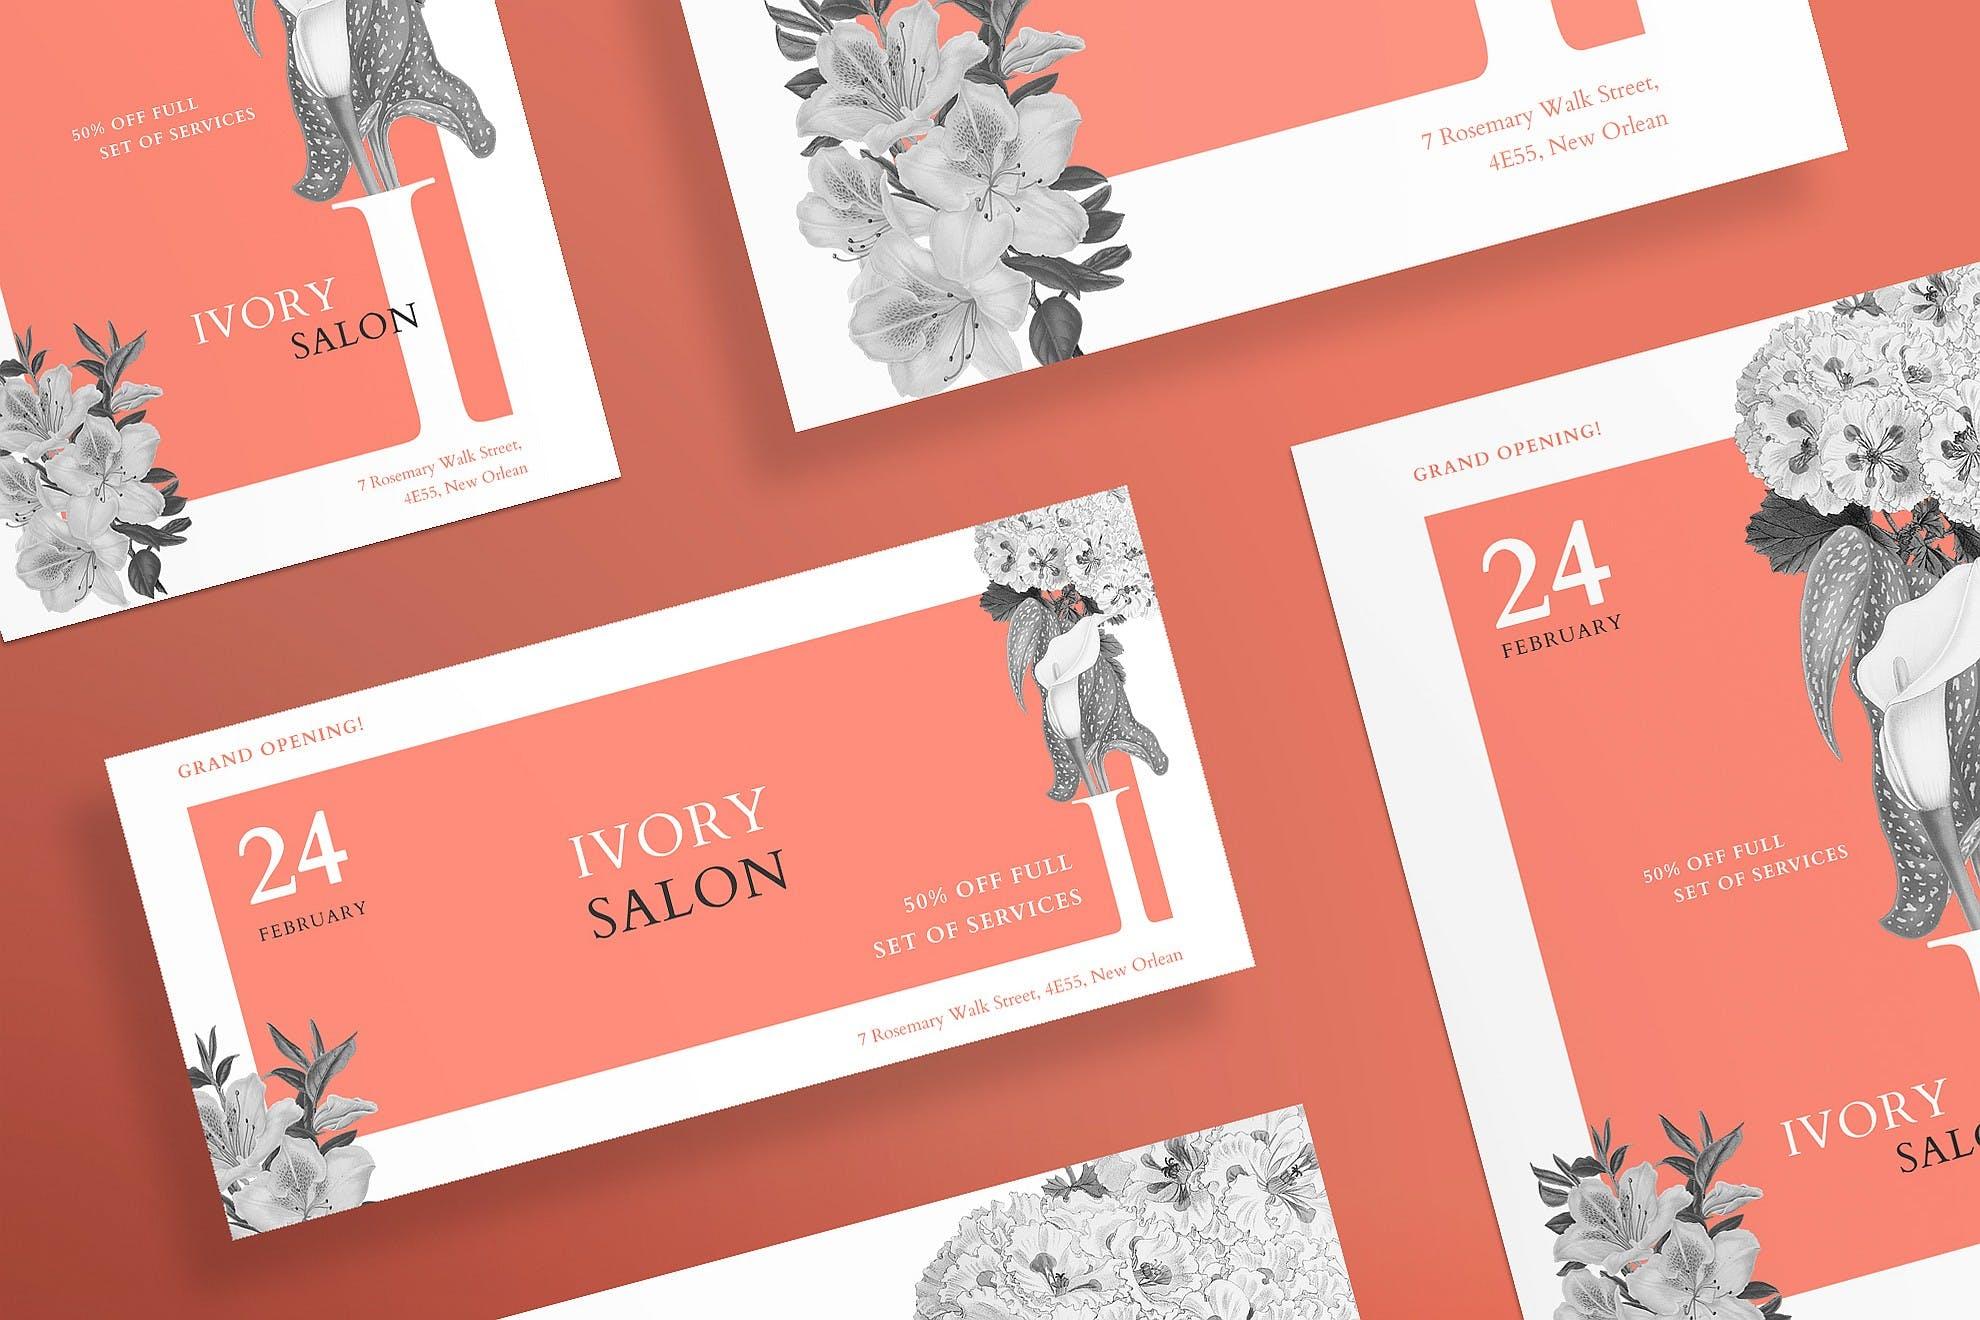 美容沙龙传单和海报模板Beauty Salon Flyer and Poster Template Tqdtcj